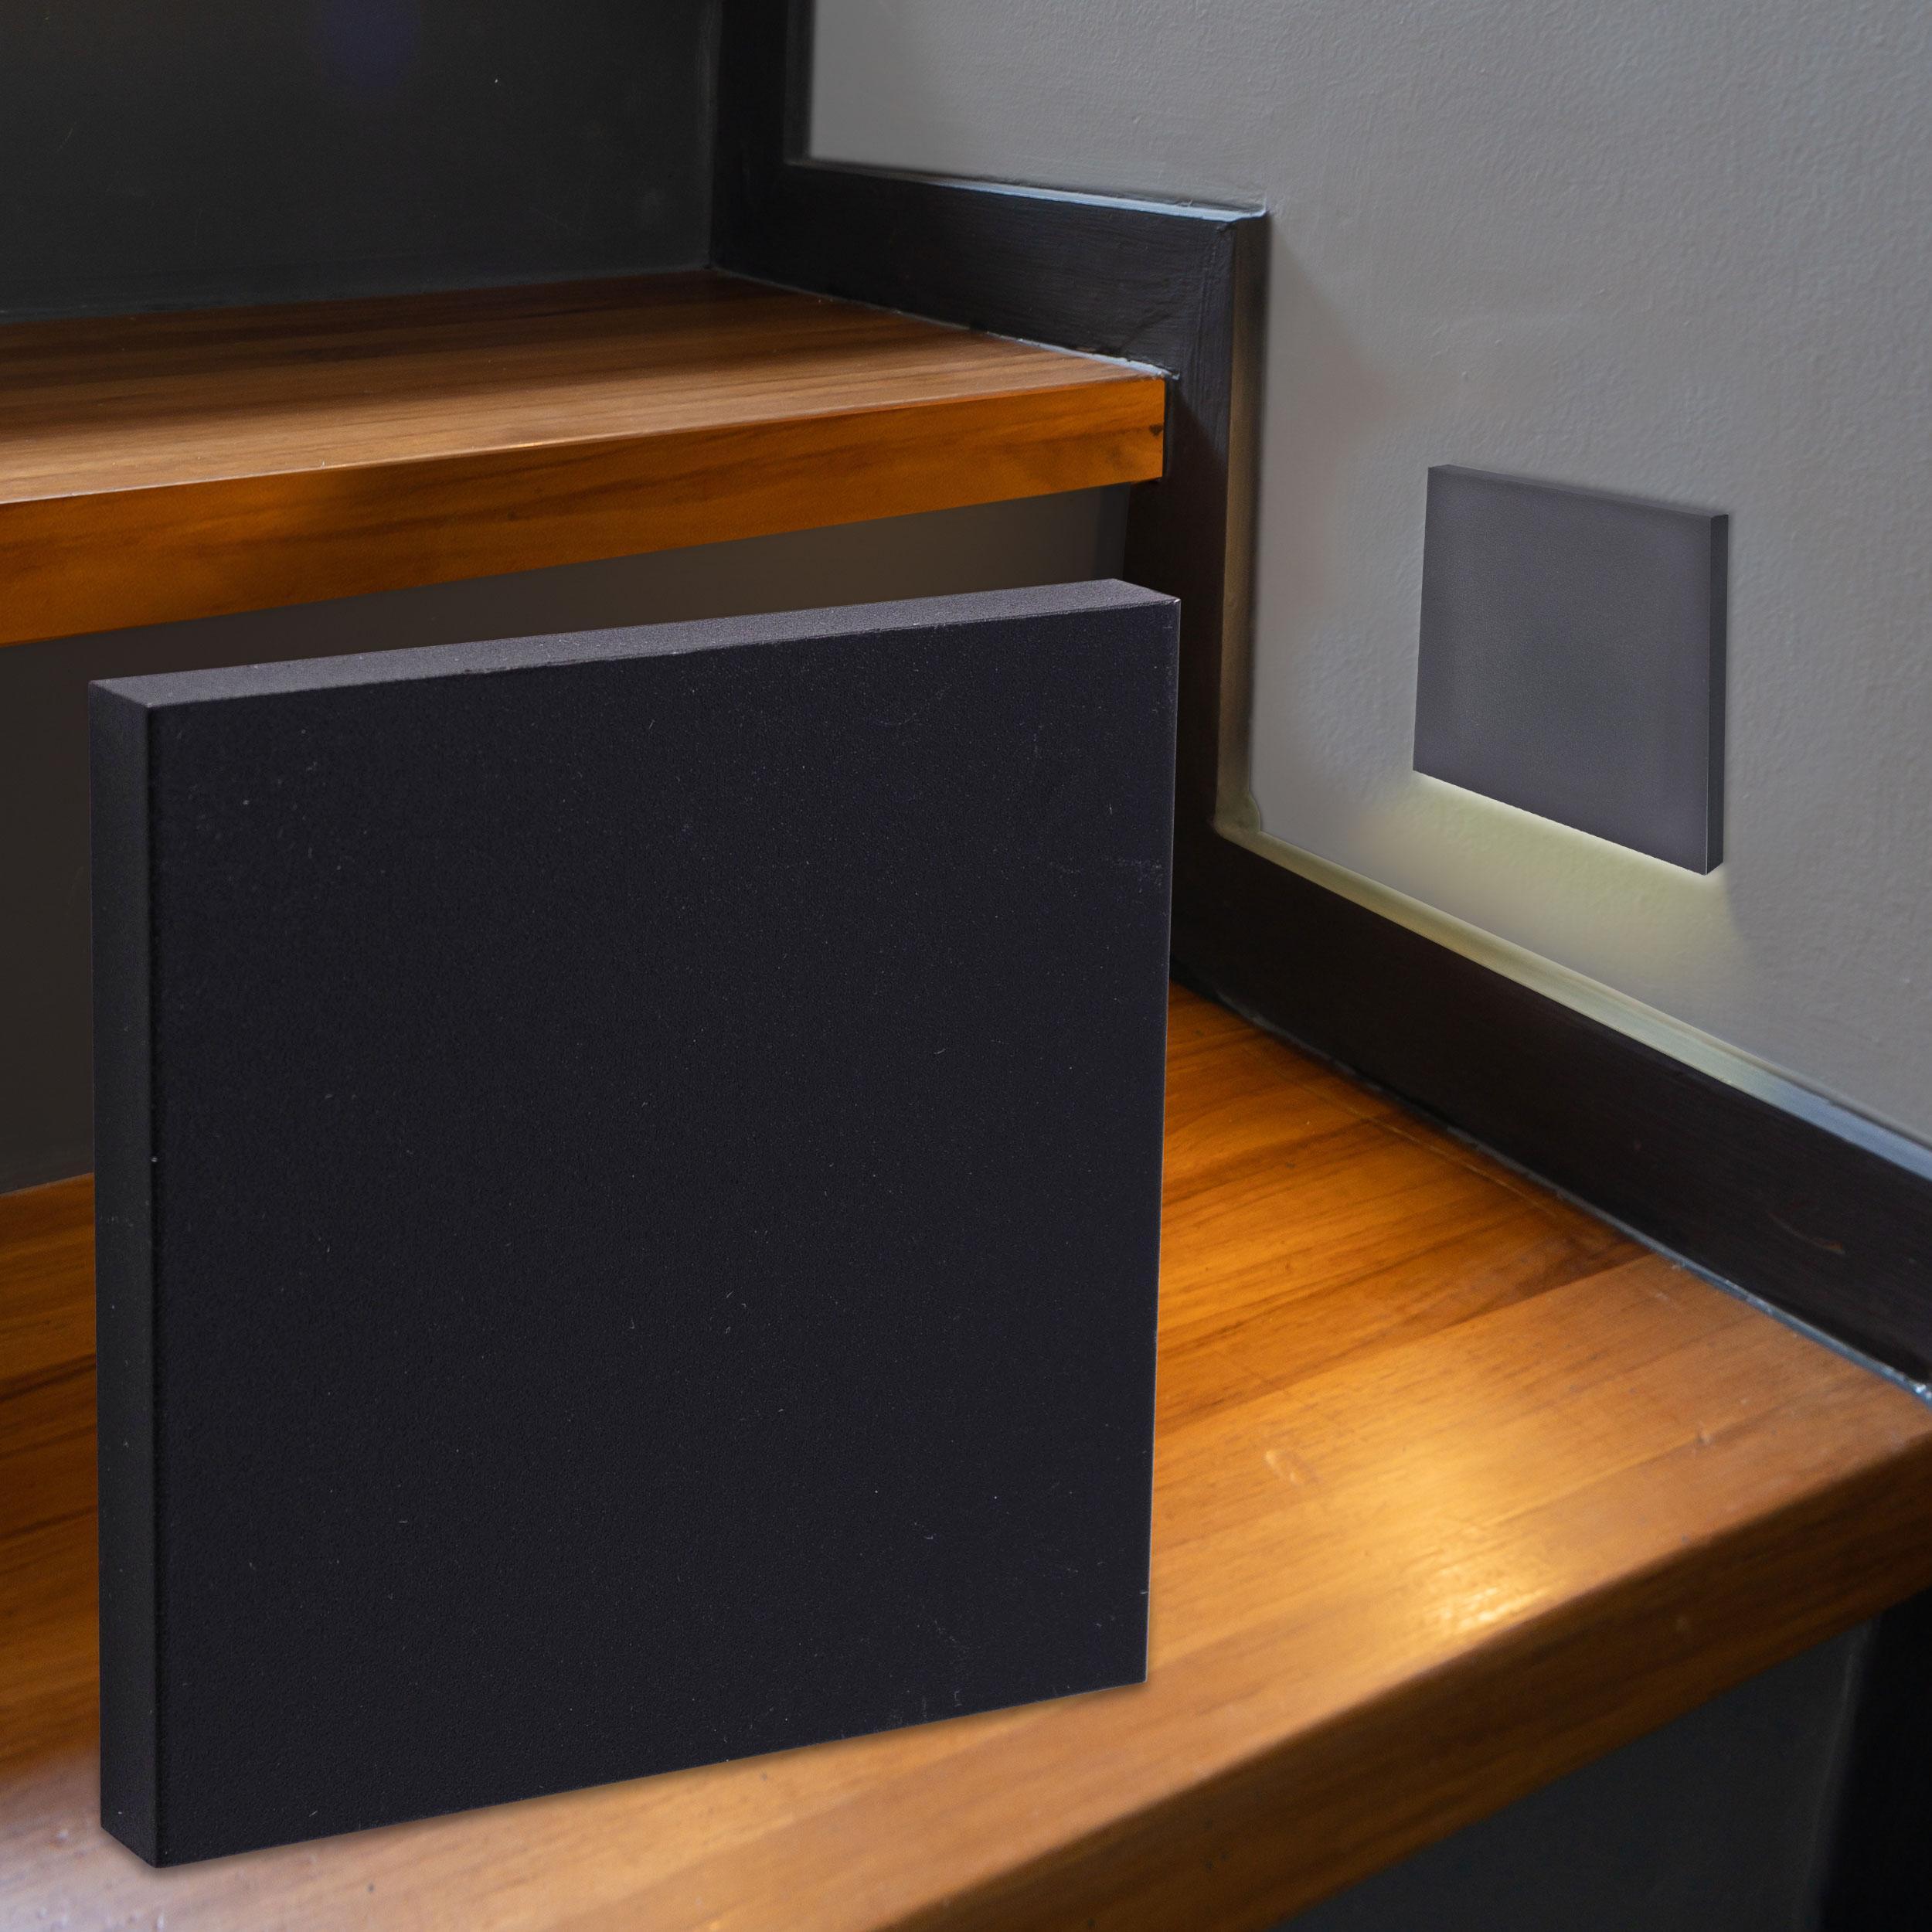 LED Treppenbeleuchtung Wandeinbauleuchte Warmweiß 230V 1.5W schwarz Lichtaustritt unten